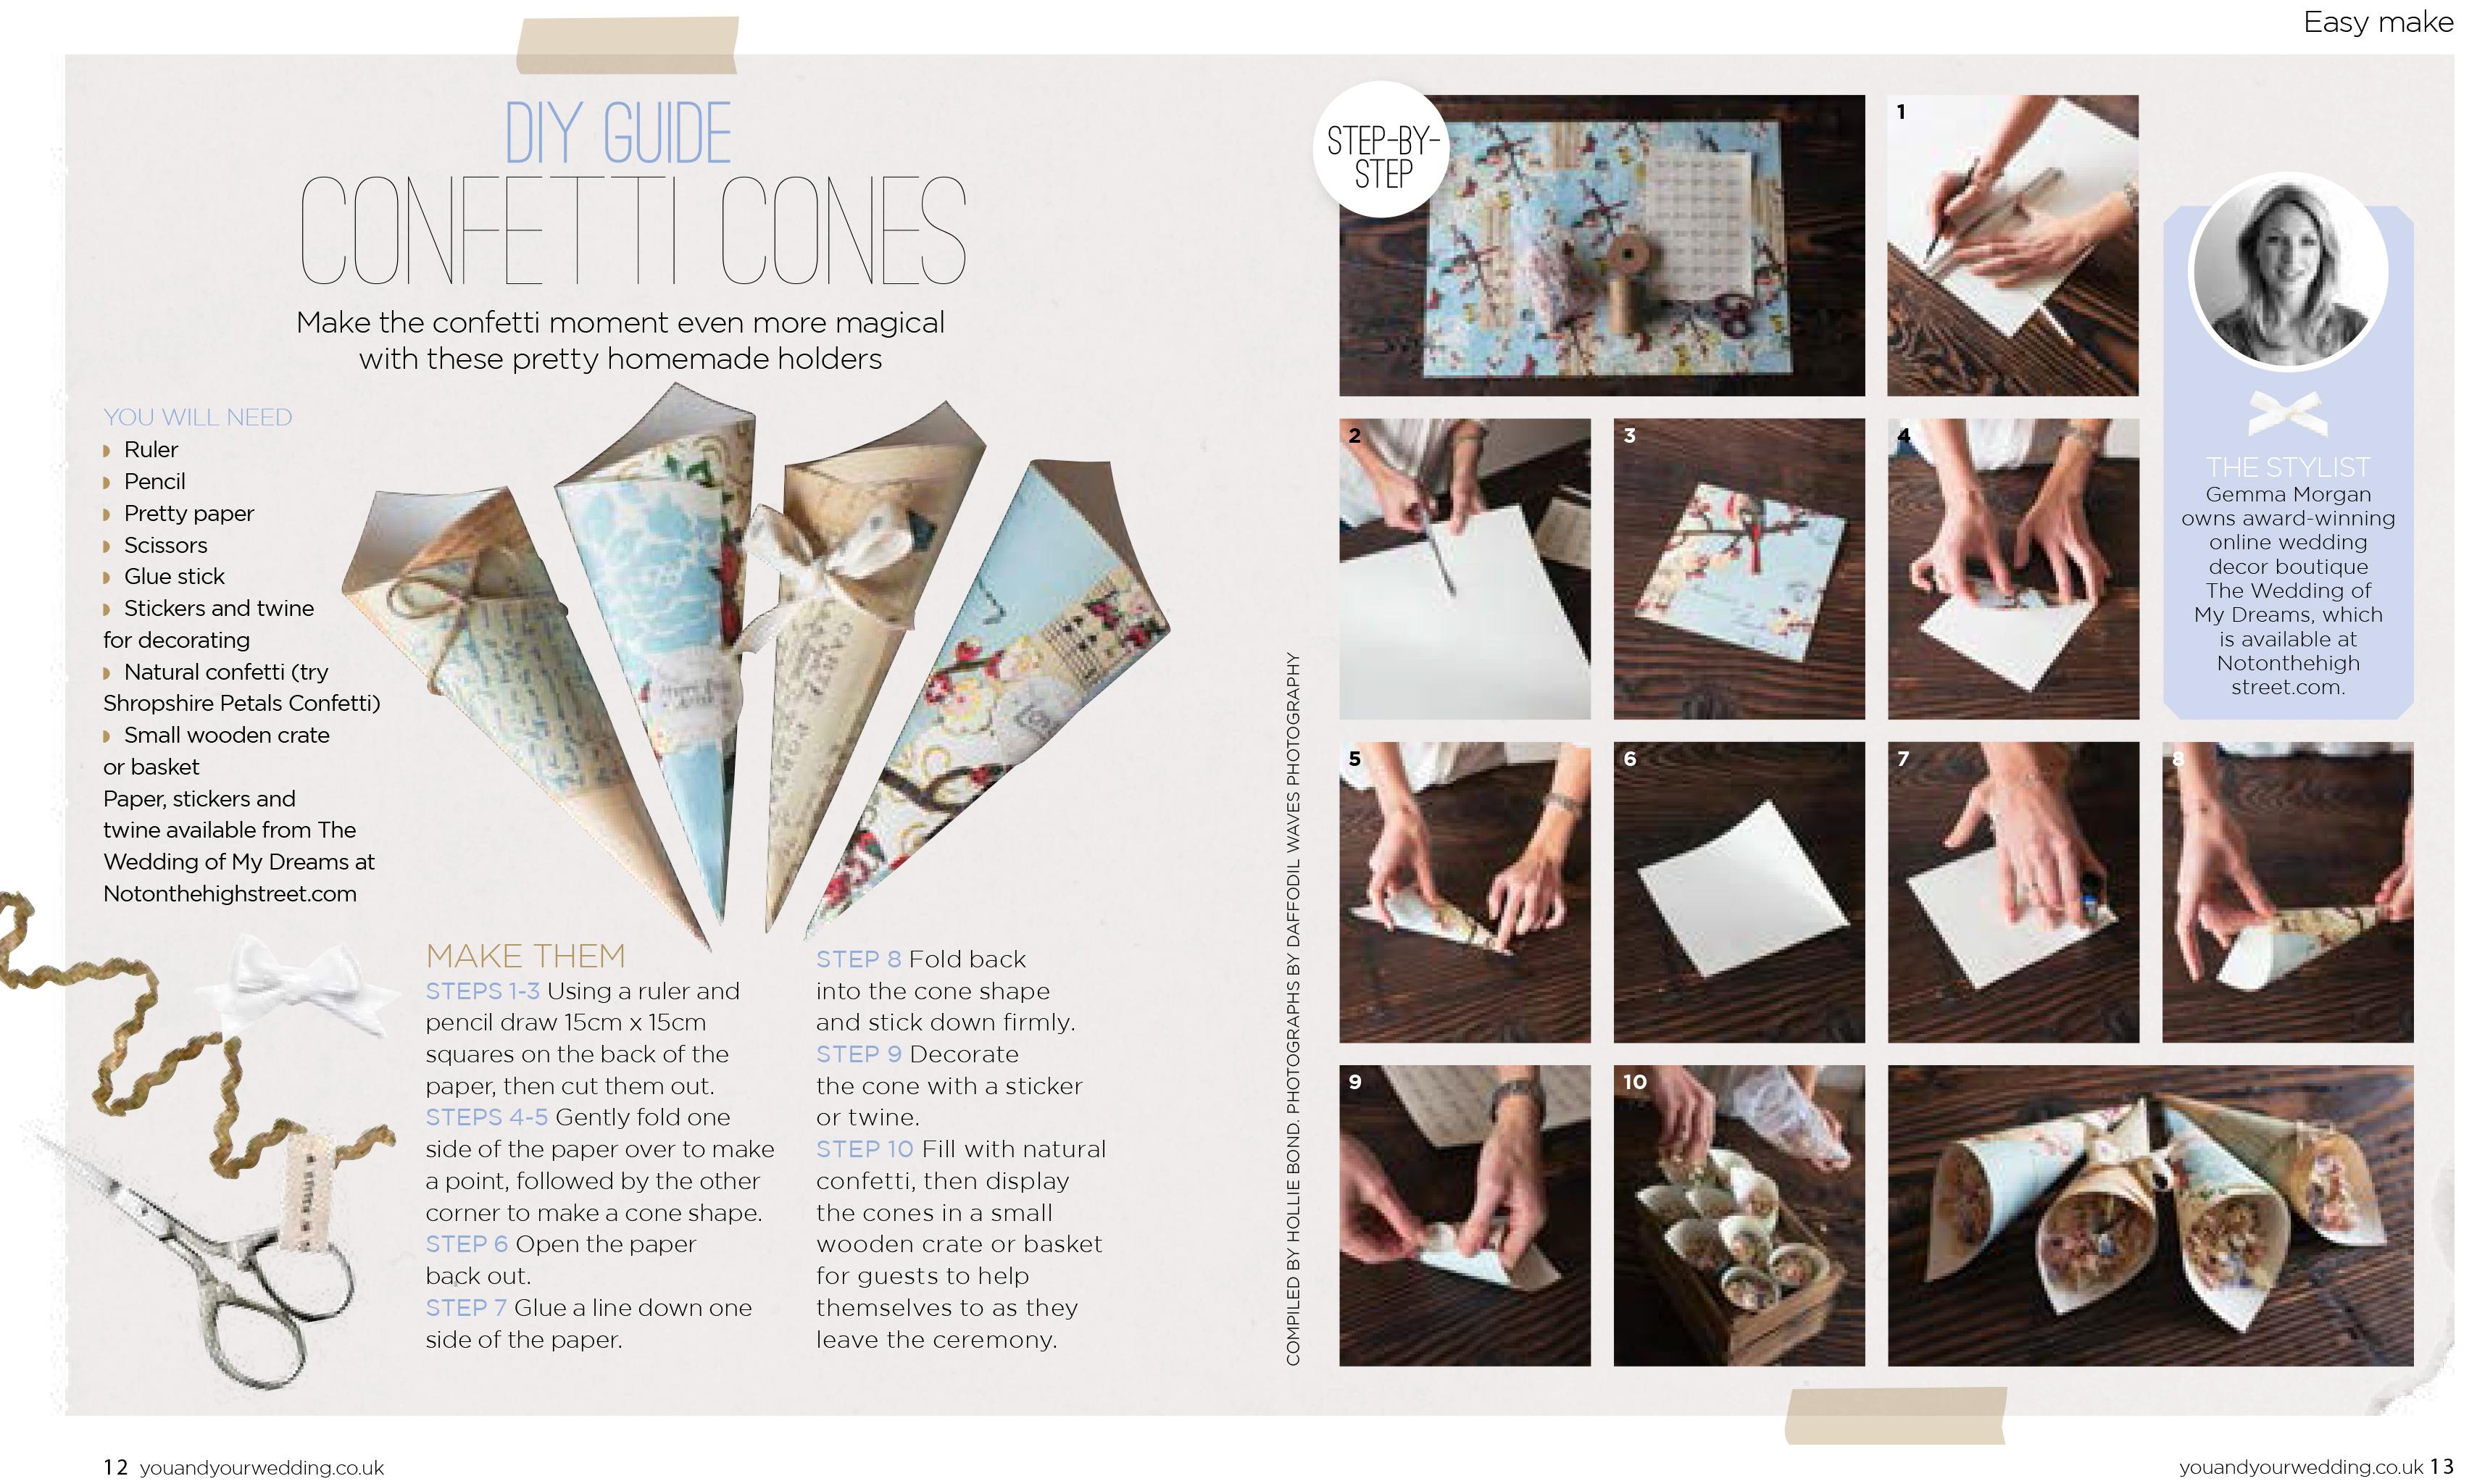 Sutton-coldfield-wedding-photographer-confetti-cones